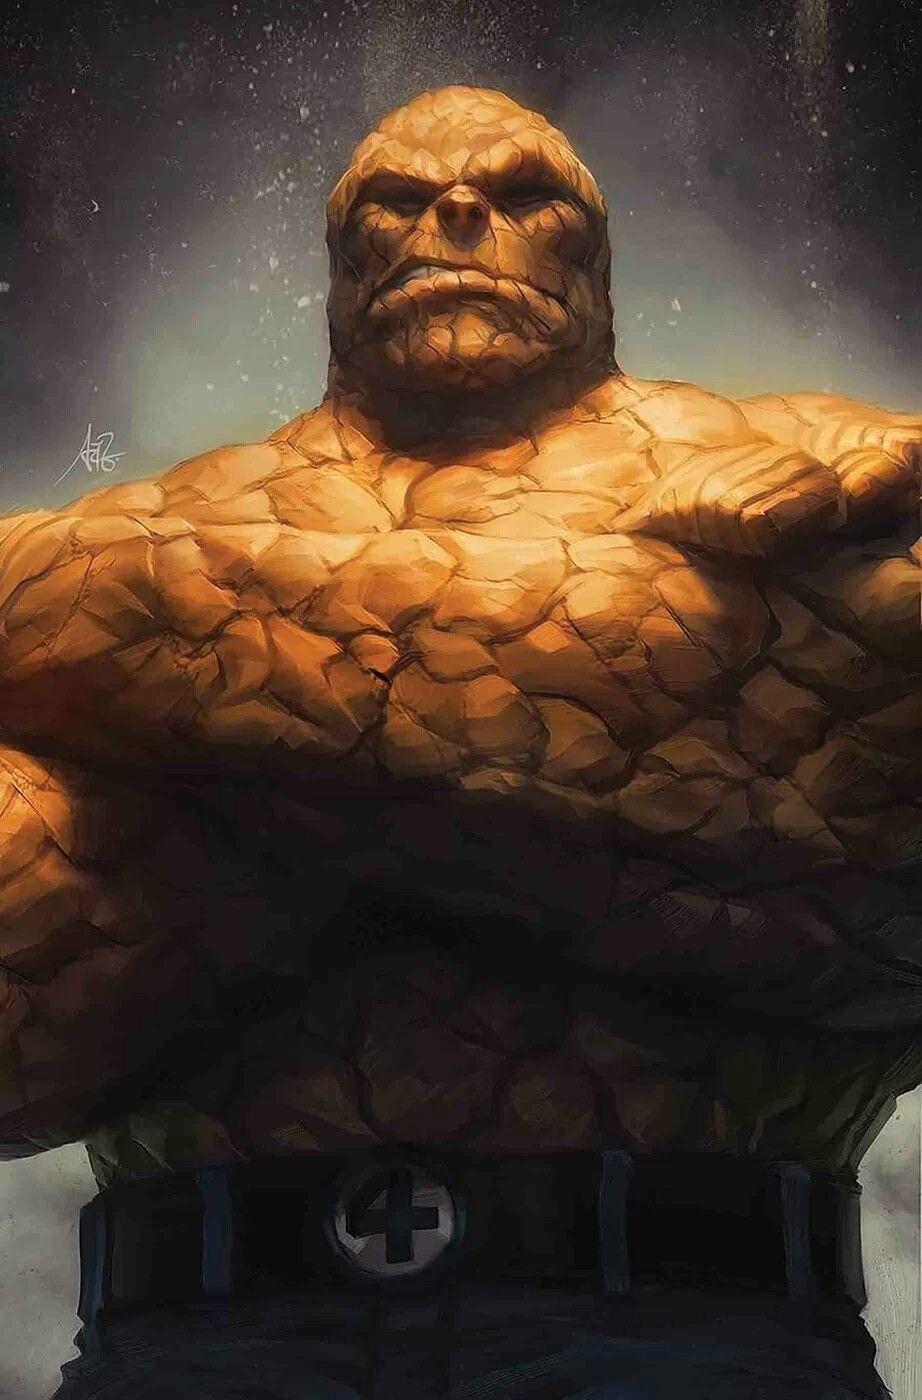 Coração de pedra ... | Fantastic four marvel, Fantastic four comics, Marvel  comics art